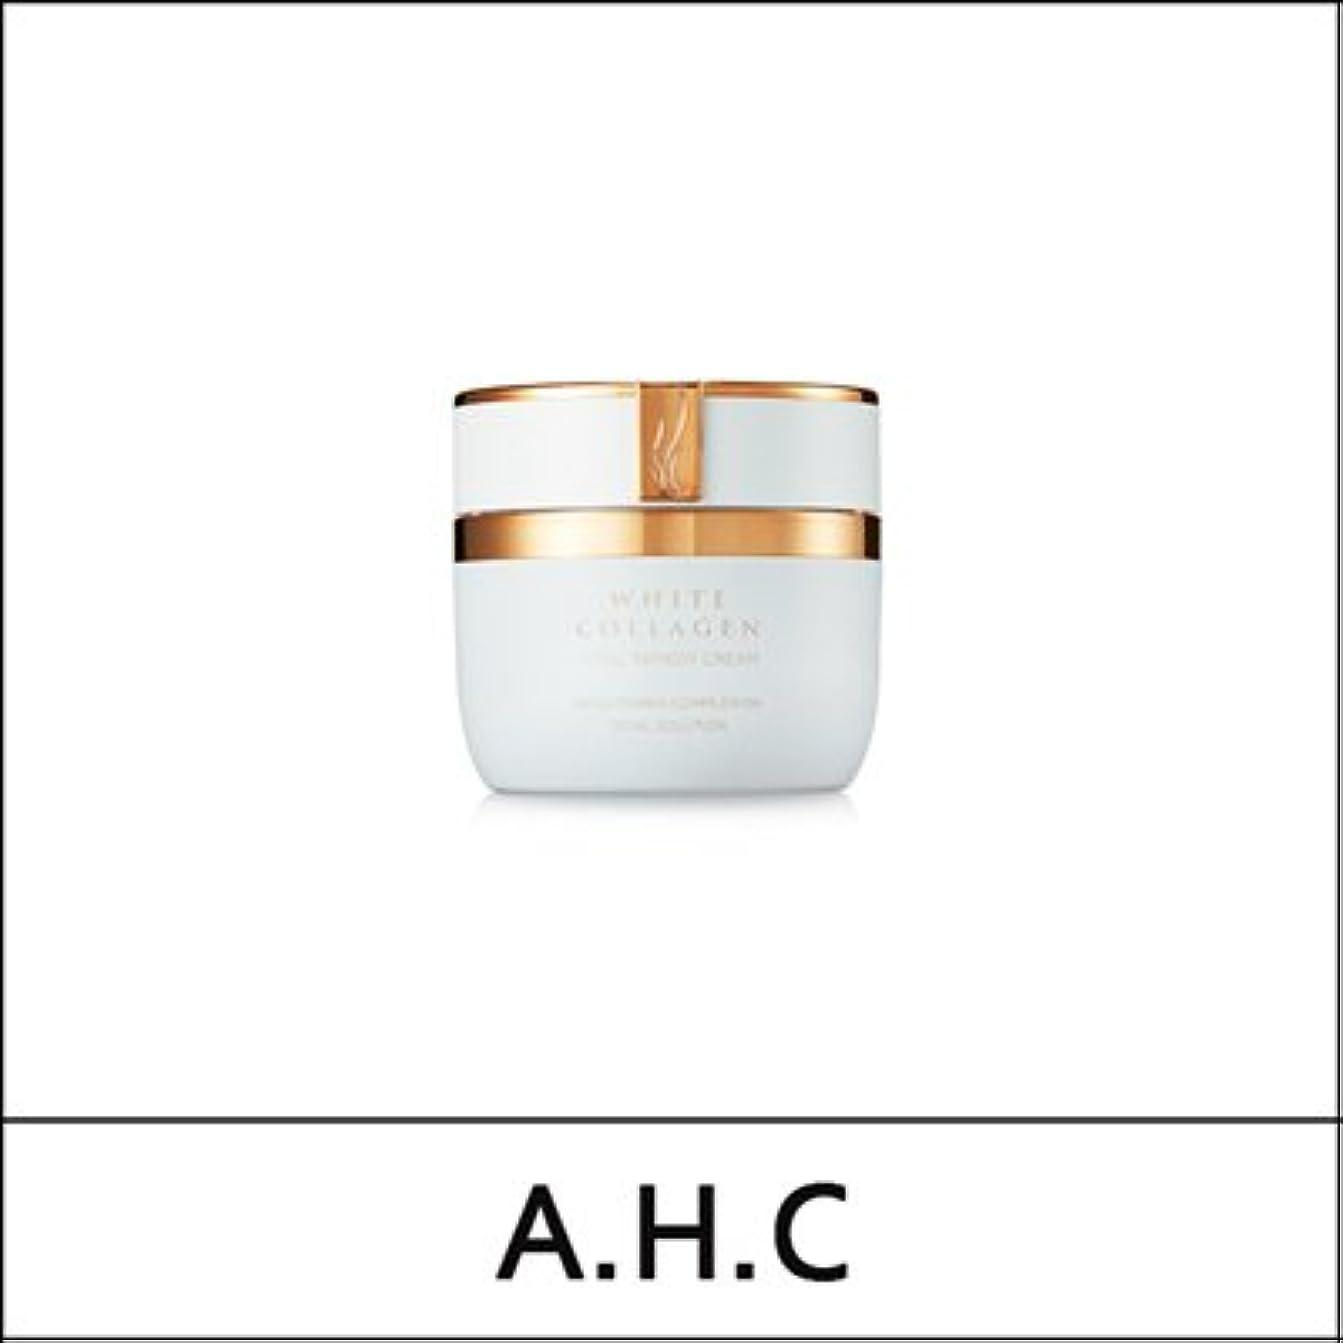 ベーリング海峡敬礼高めるA.H.C (AHC) White Collagen Total Remedy Cream 50g/A.H.C ホワイト コラーゲン トータル レミディ クリーム 50g [並行輸入品]